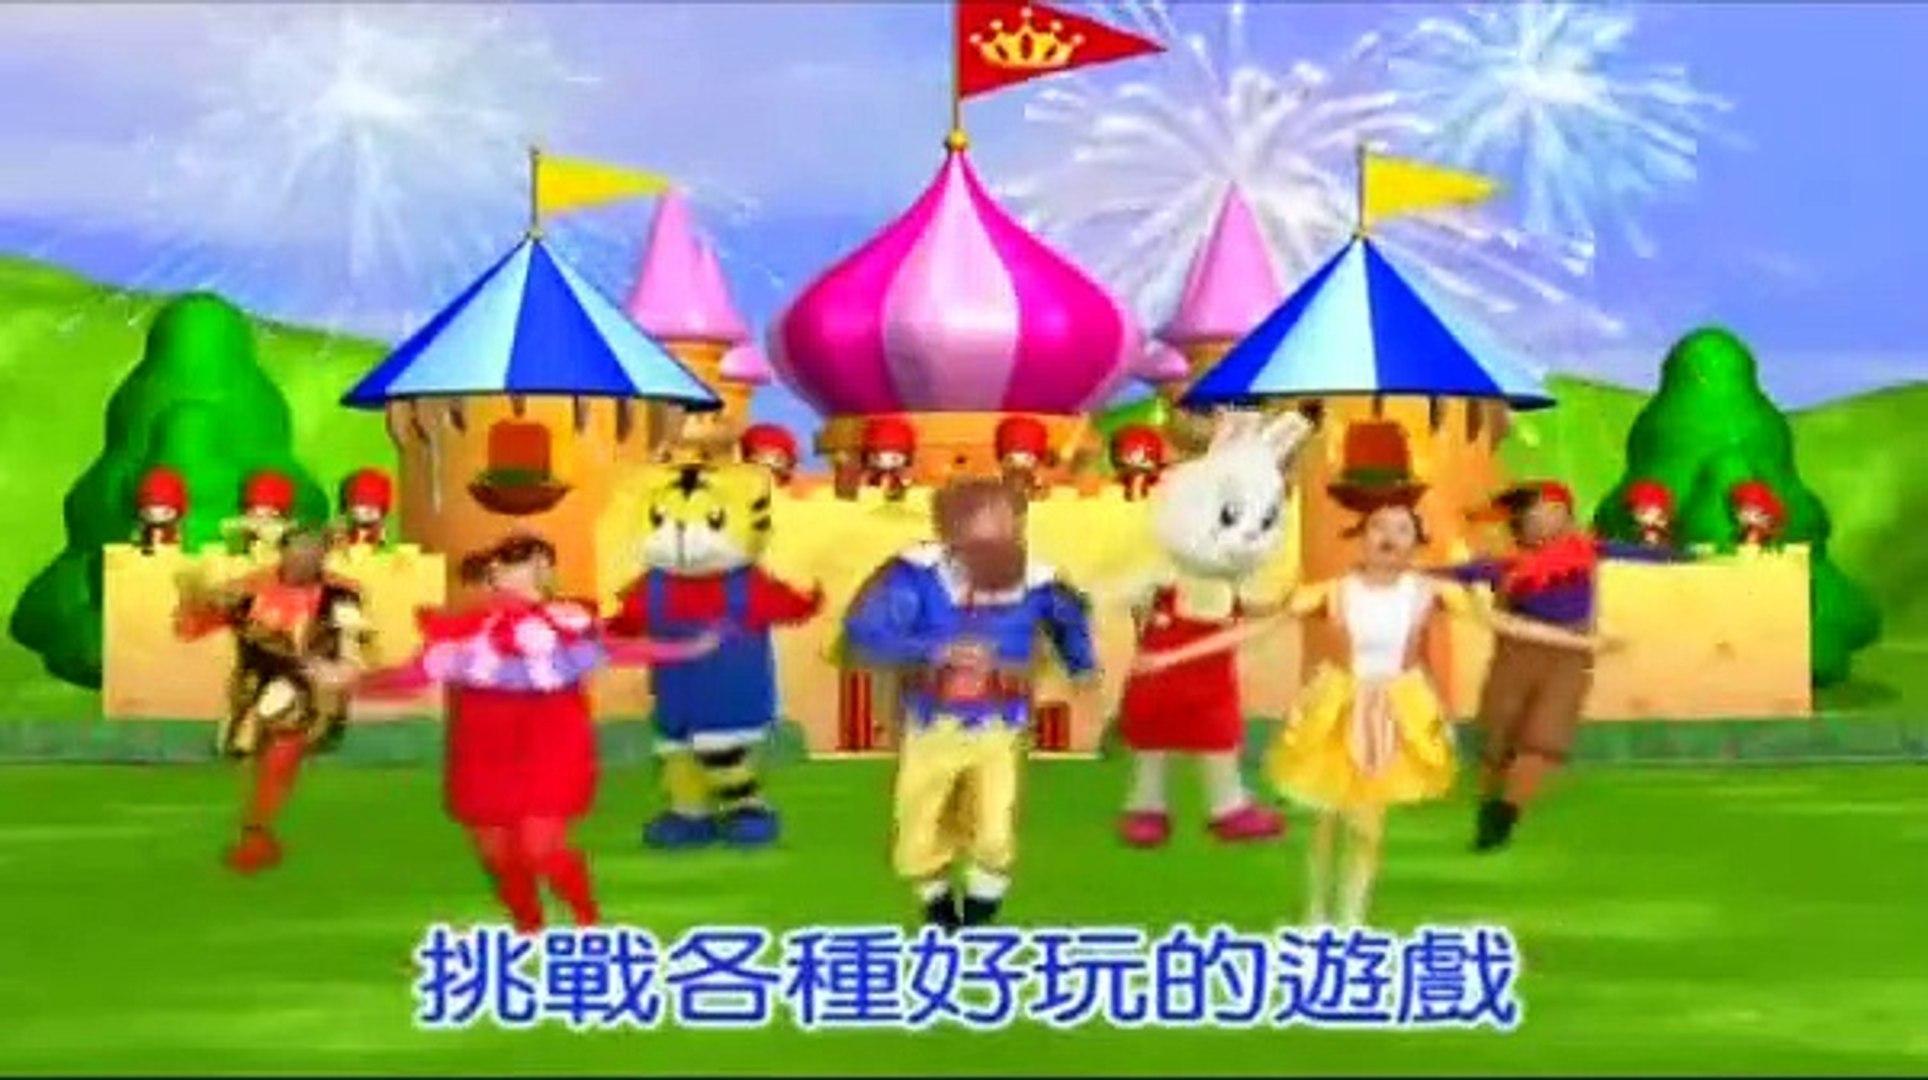 巧虎2009年3月號快樂版-Qiaohu-2009/3/Happy version